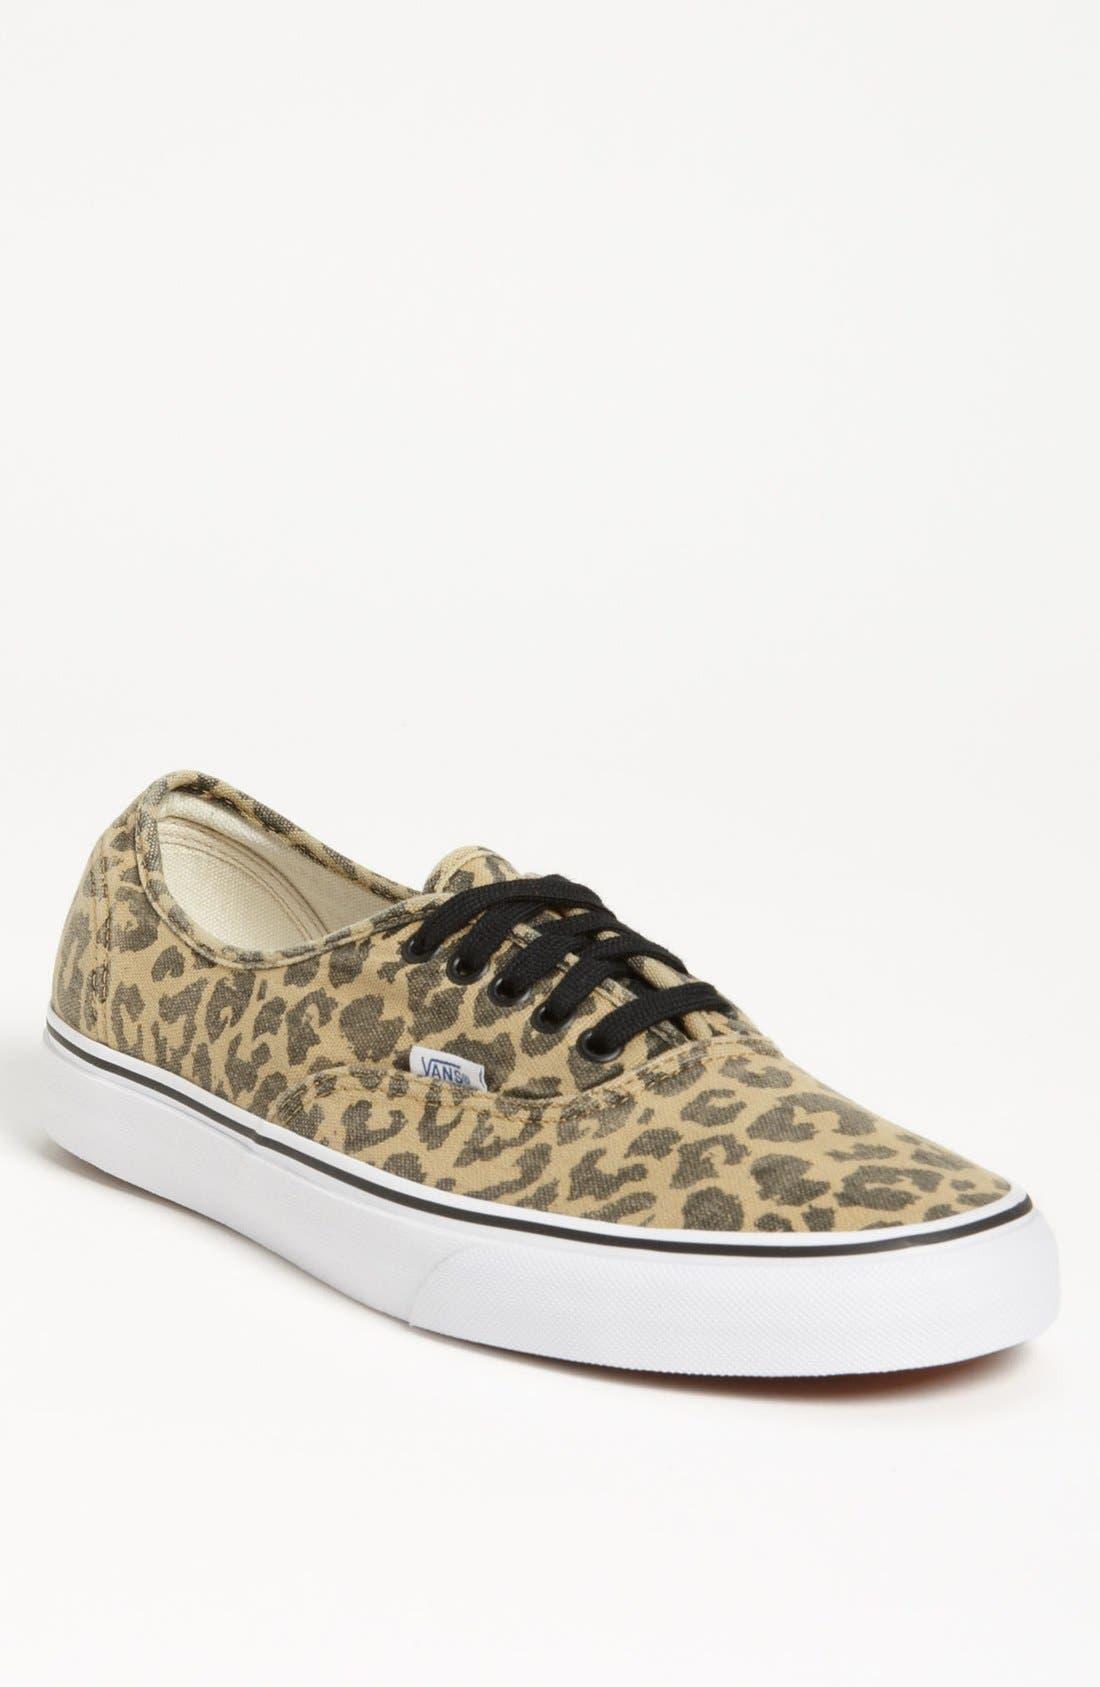 9fc31916491e05 Vans van doren authentic sneaker men nordstrom jpeg 780x838 Vans van doren  owner